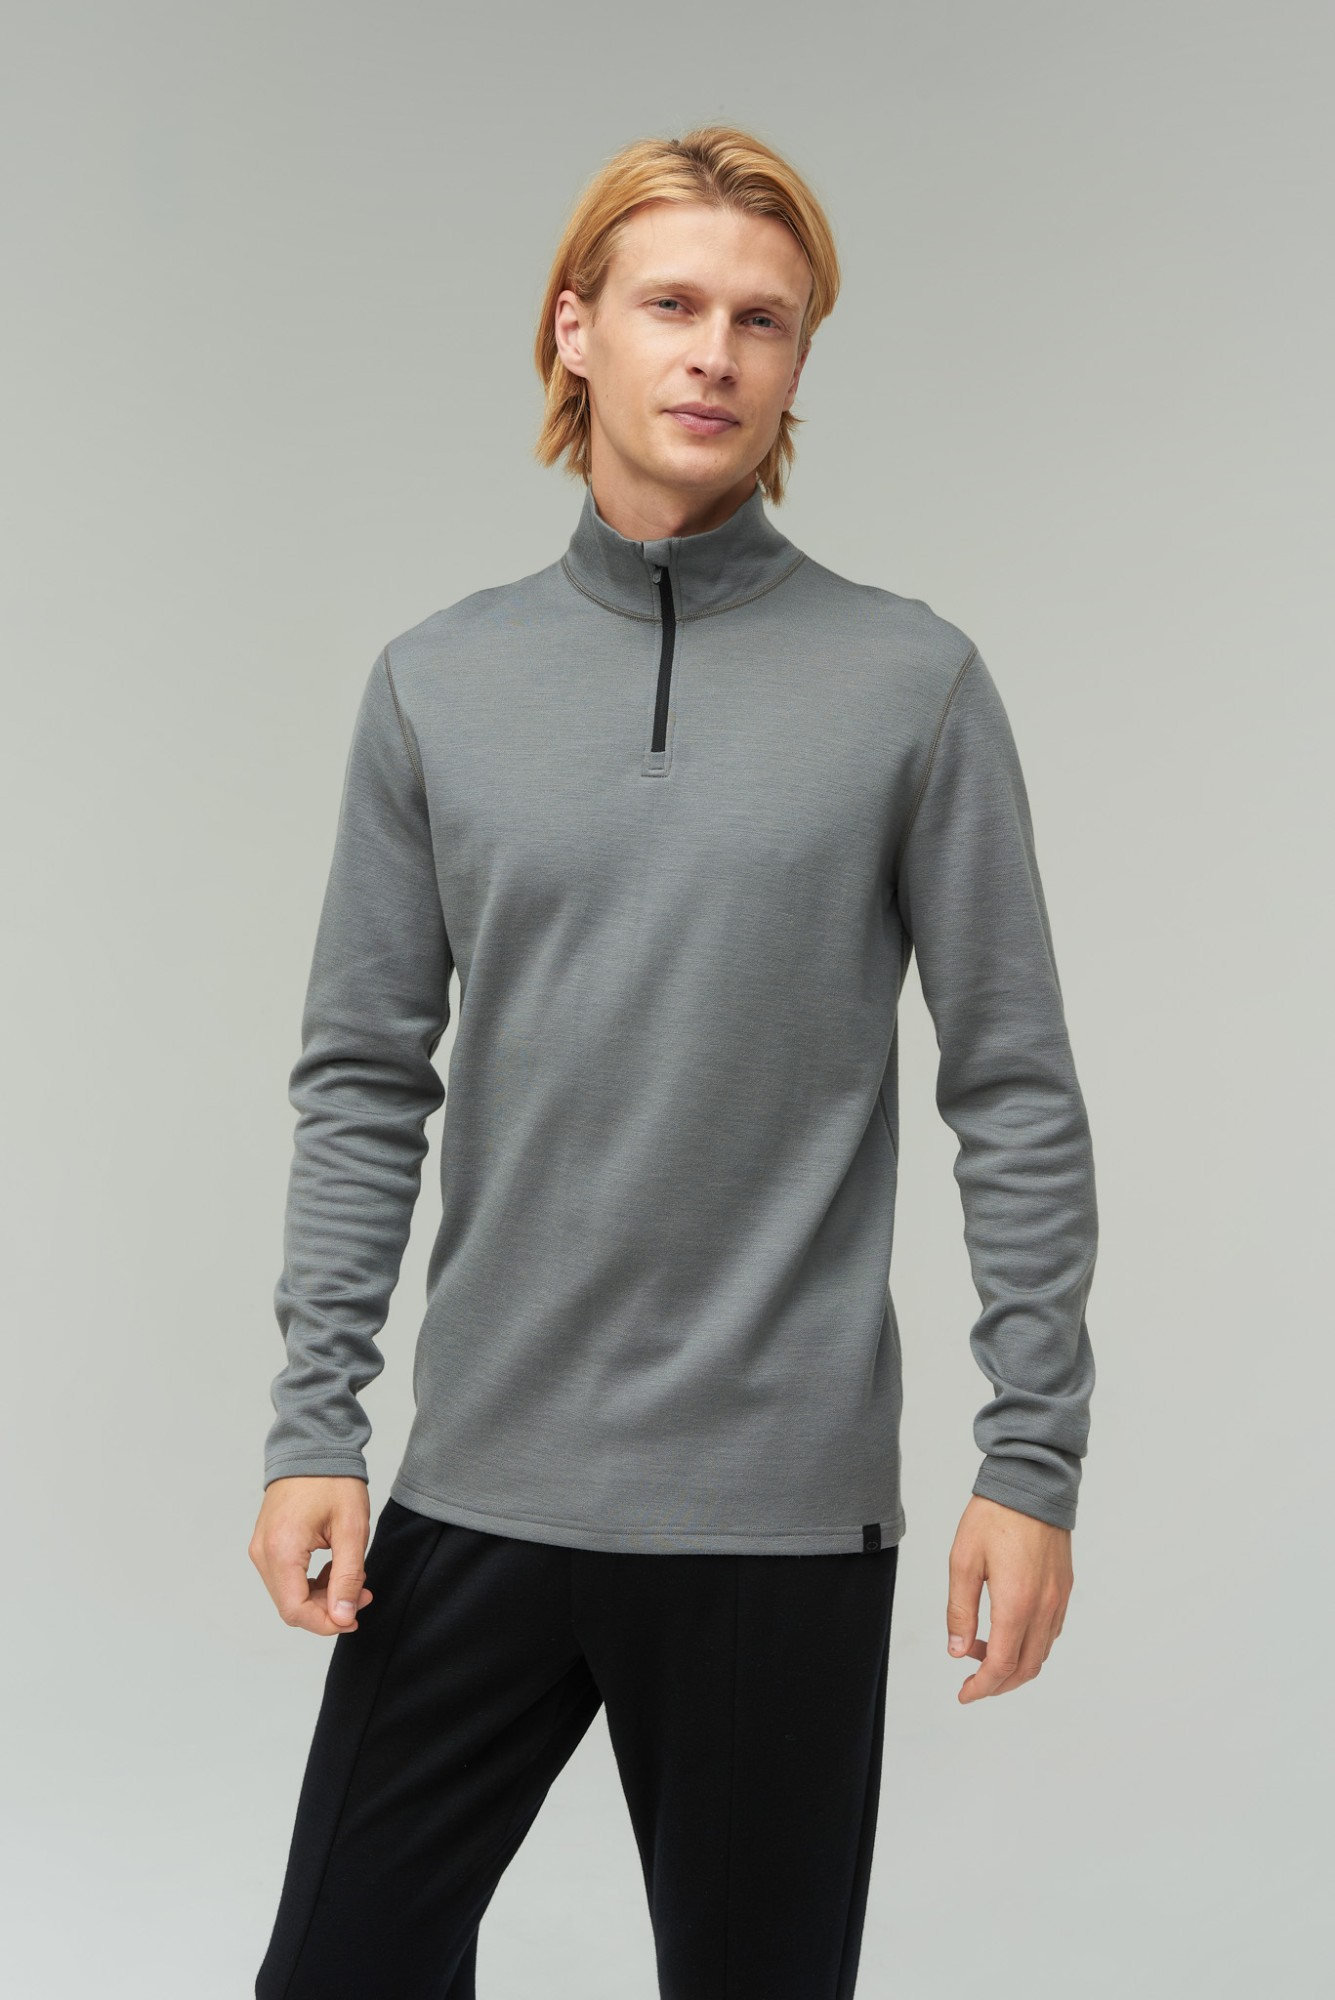 AUDIMAS Prasegamas merino vilnos džemp. 2021-447 Steel Gray S